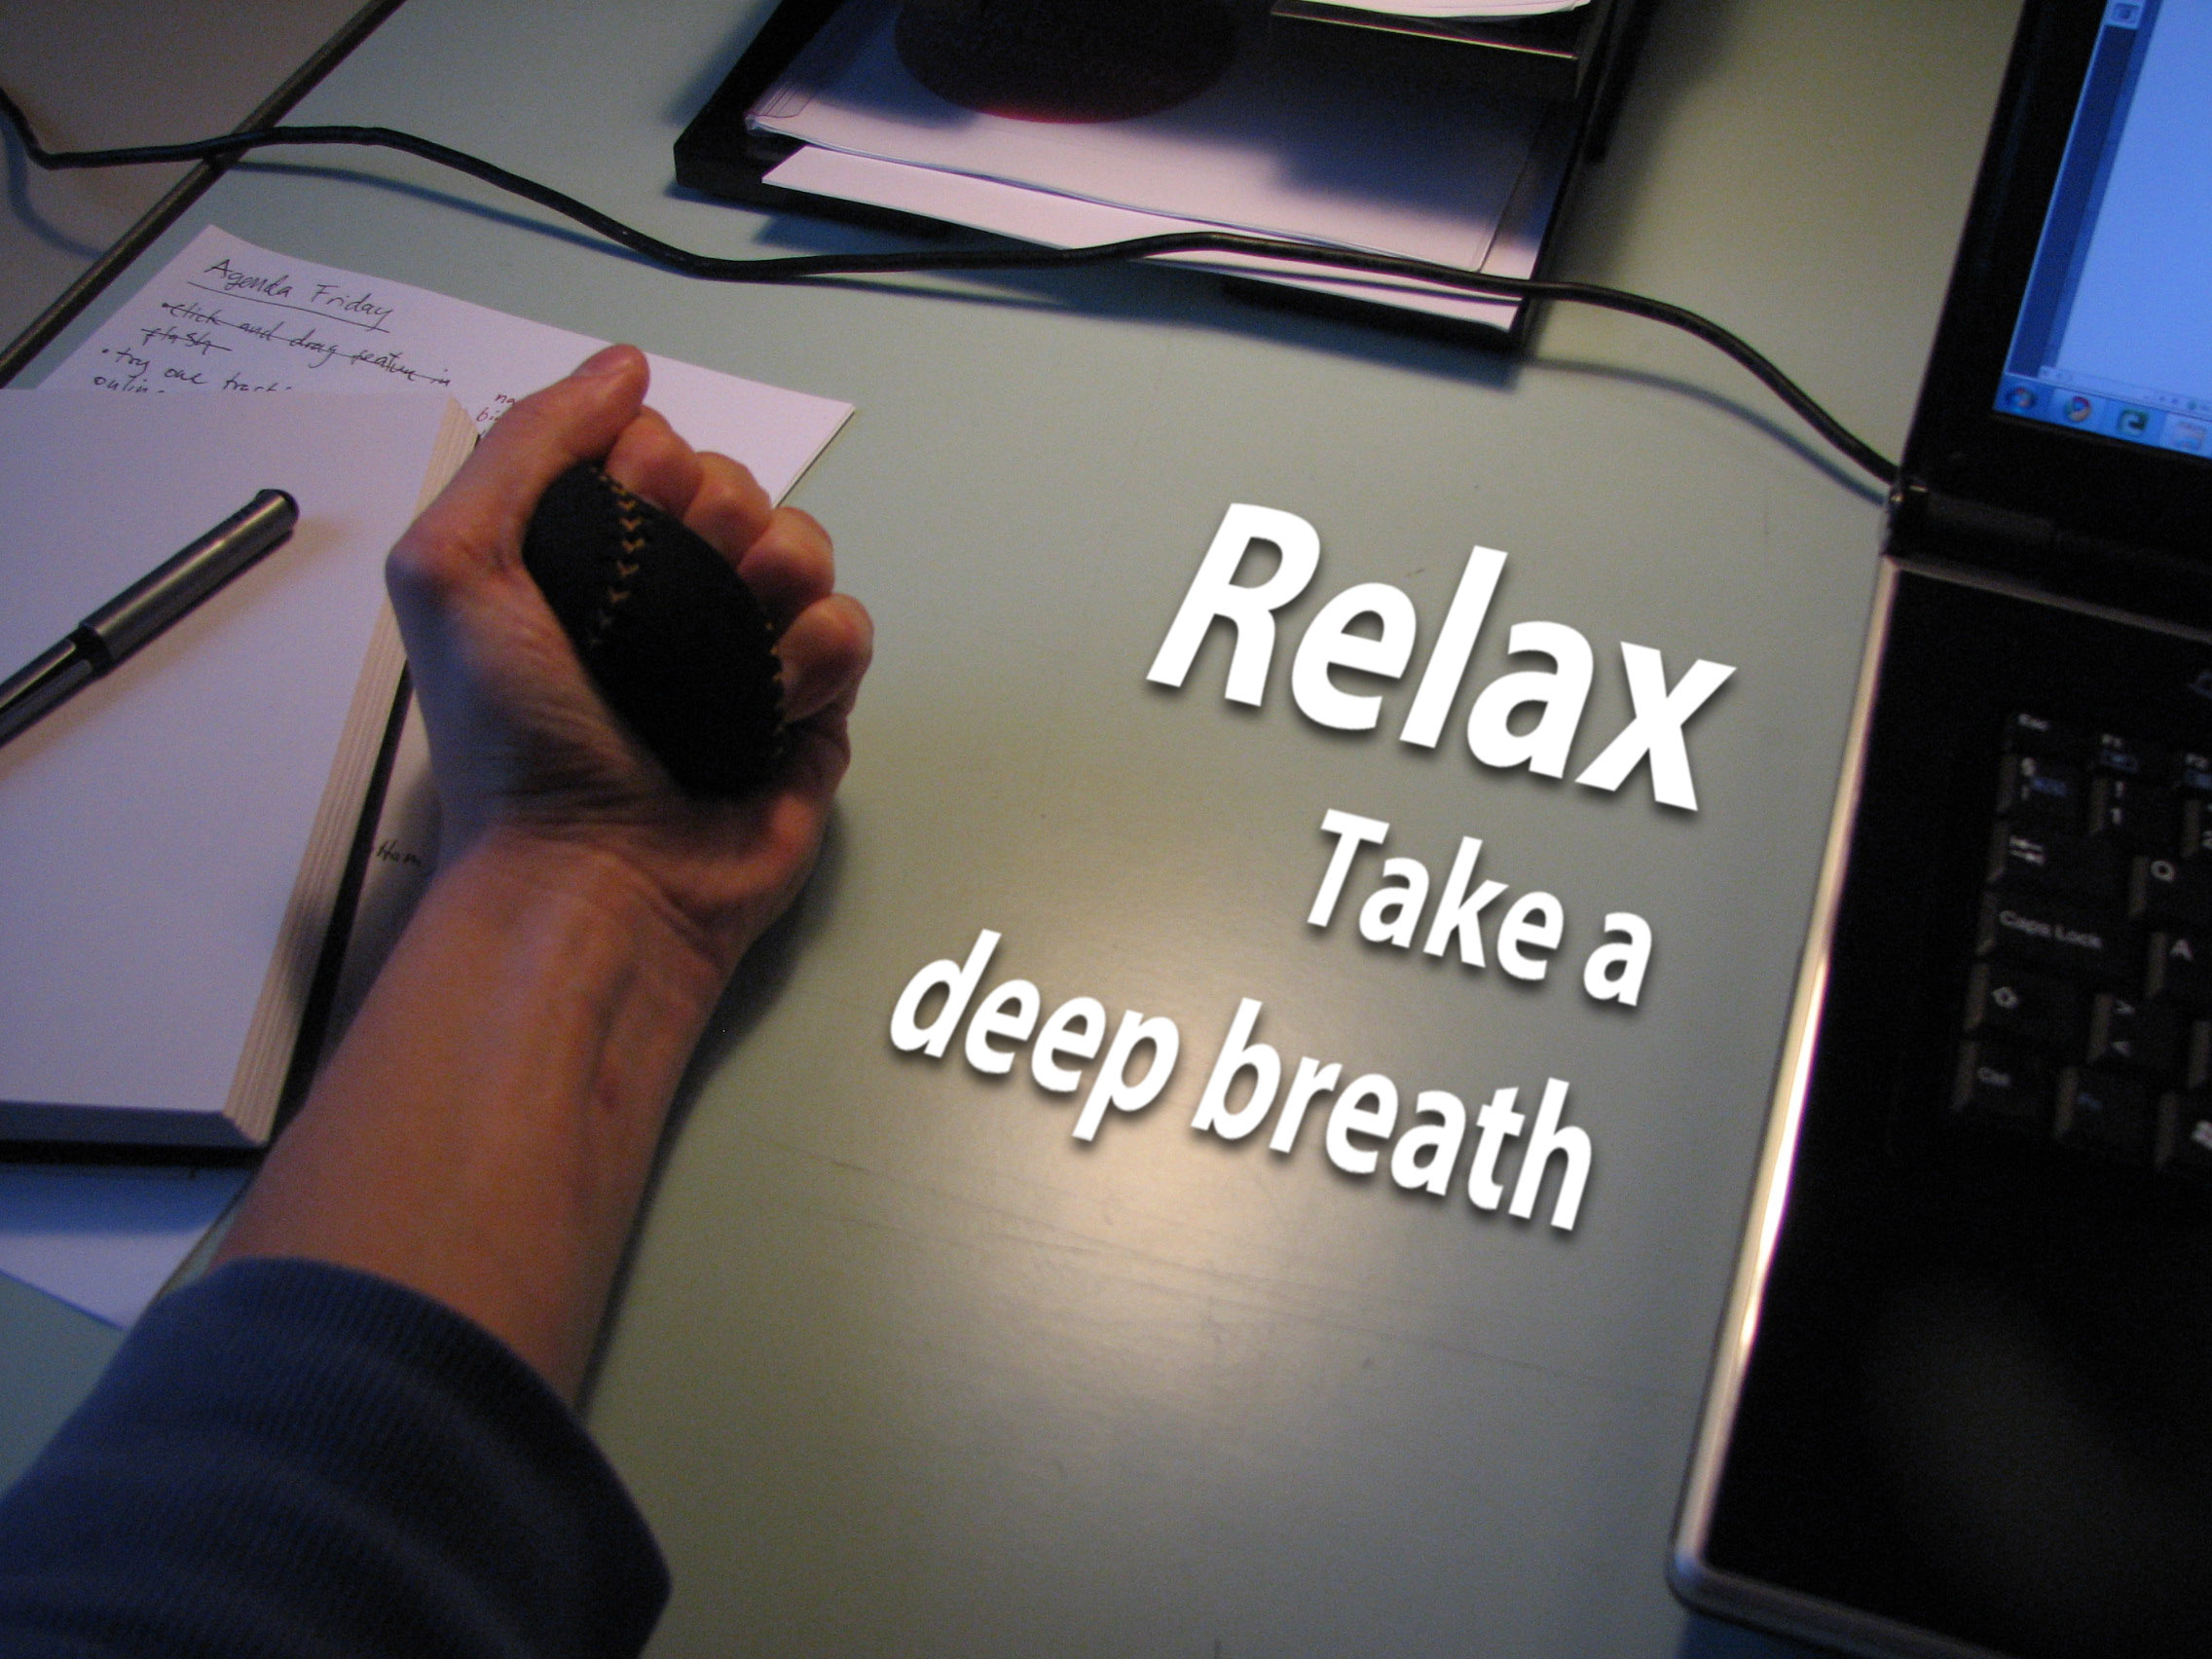 relax01.jpg